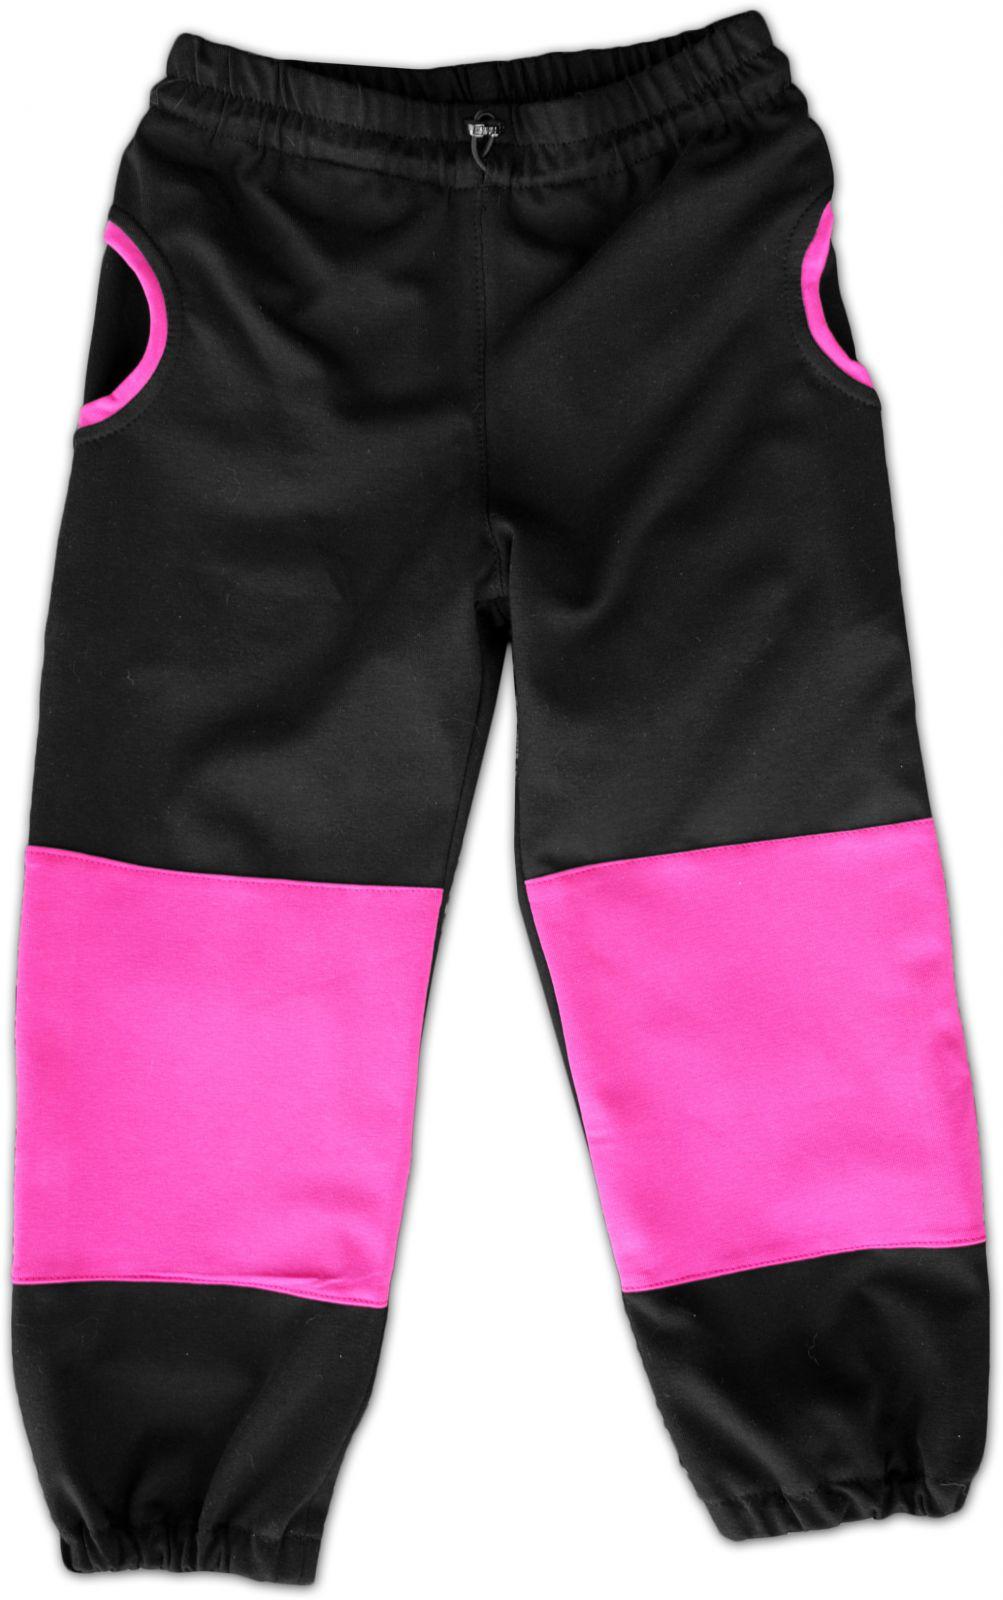 Dětské tepláky s kapsami, bavlněné, černá/růžová, velikost 128